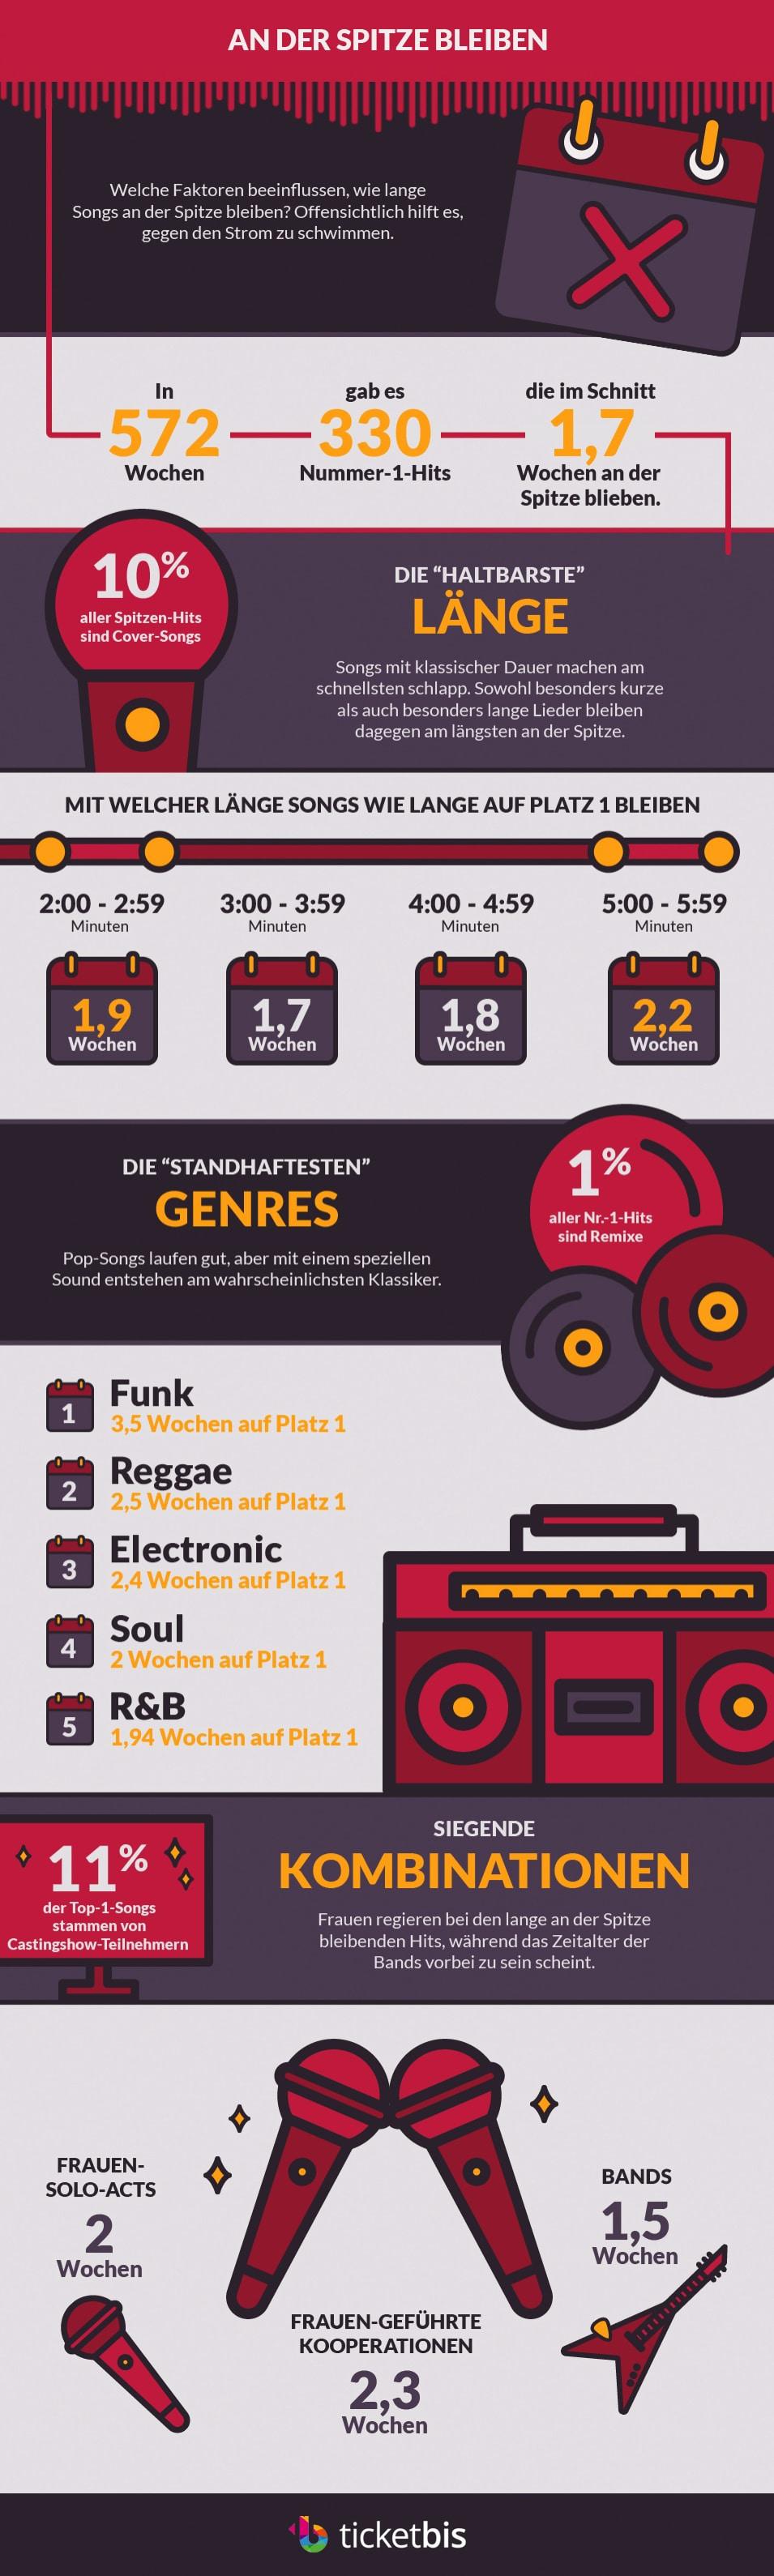 """Genre """"Funk"""" und Lieder über 5 Minuten Dauer bleiben am Längsten an der Spitze"""